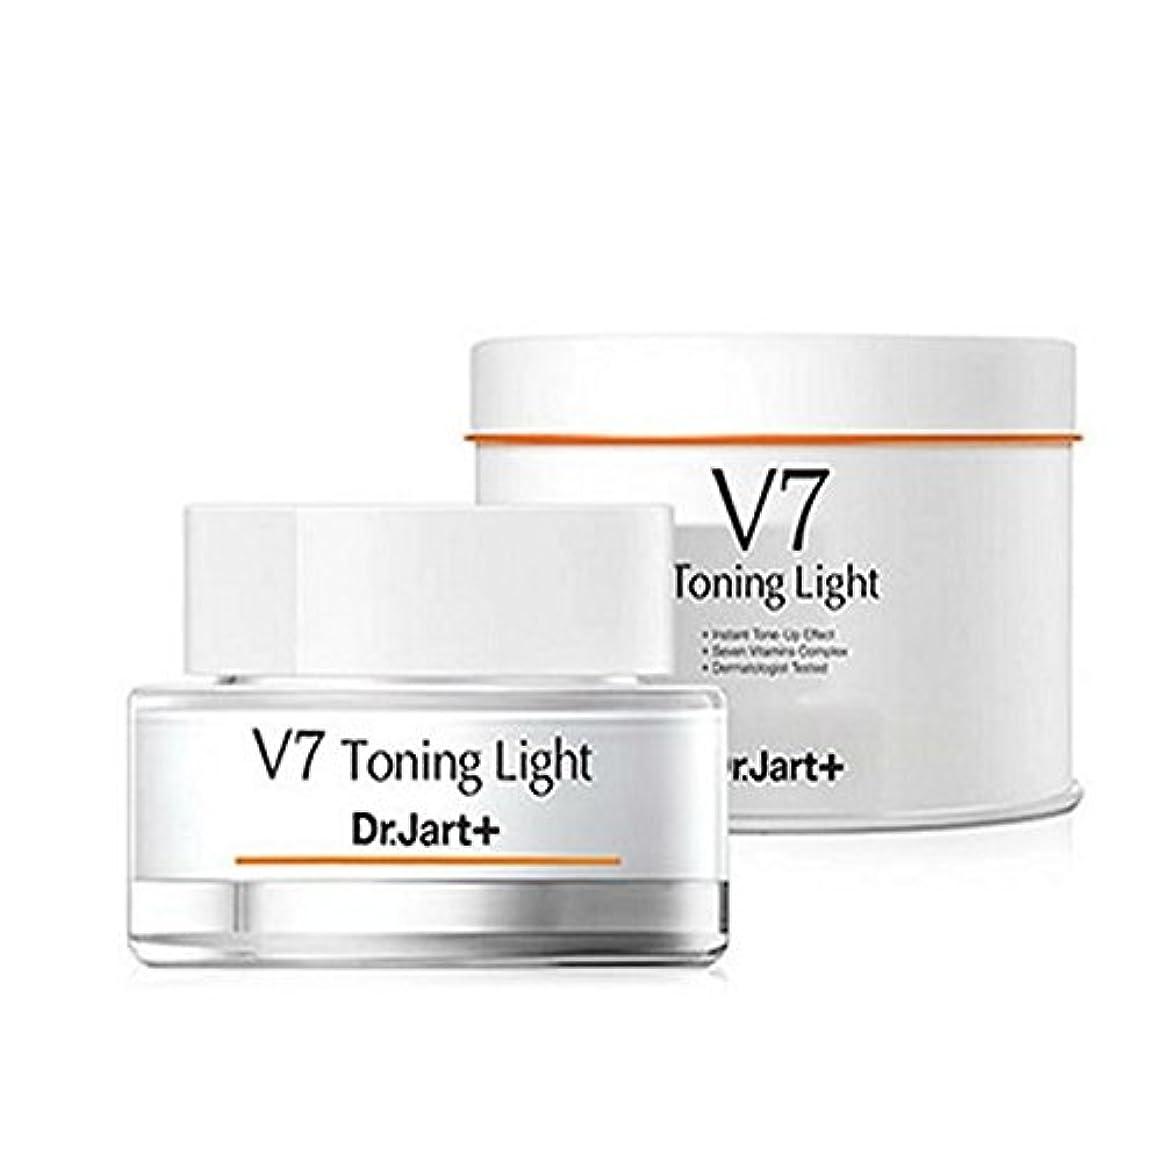 下線決済皮Dr. Jart /ドクタージャルト V7 トーニングライト/V7 Toning Lihgt 50ml/100% Authentic direct from Korea [並行輸入品]